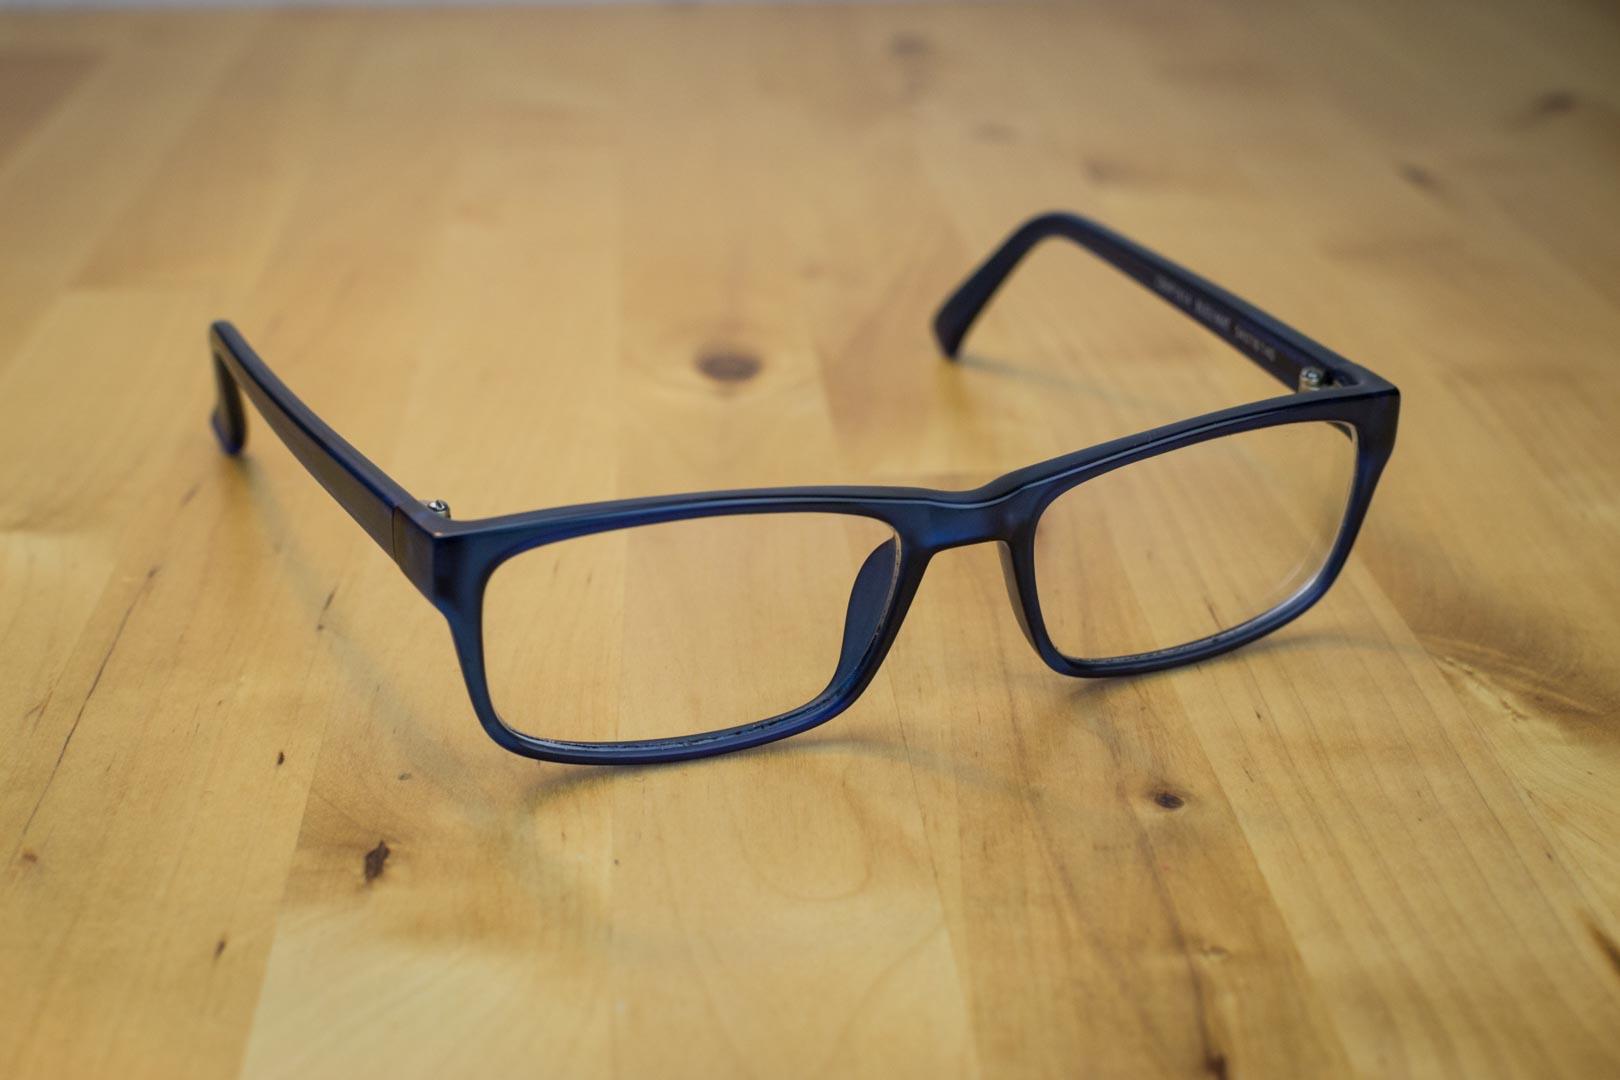 Les lunettes anti-lumière bleue, on en parle ?